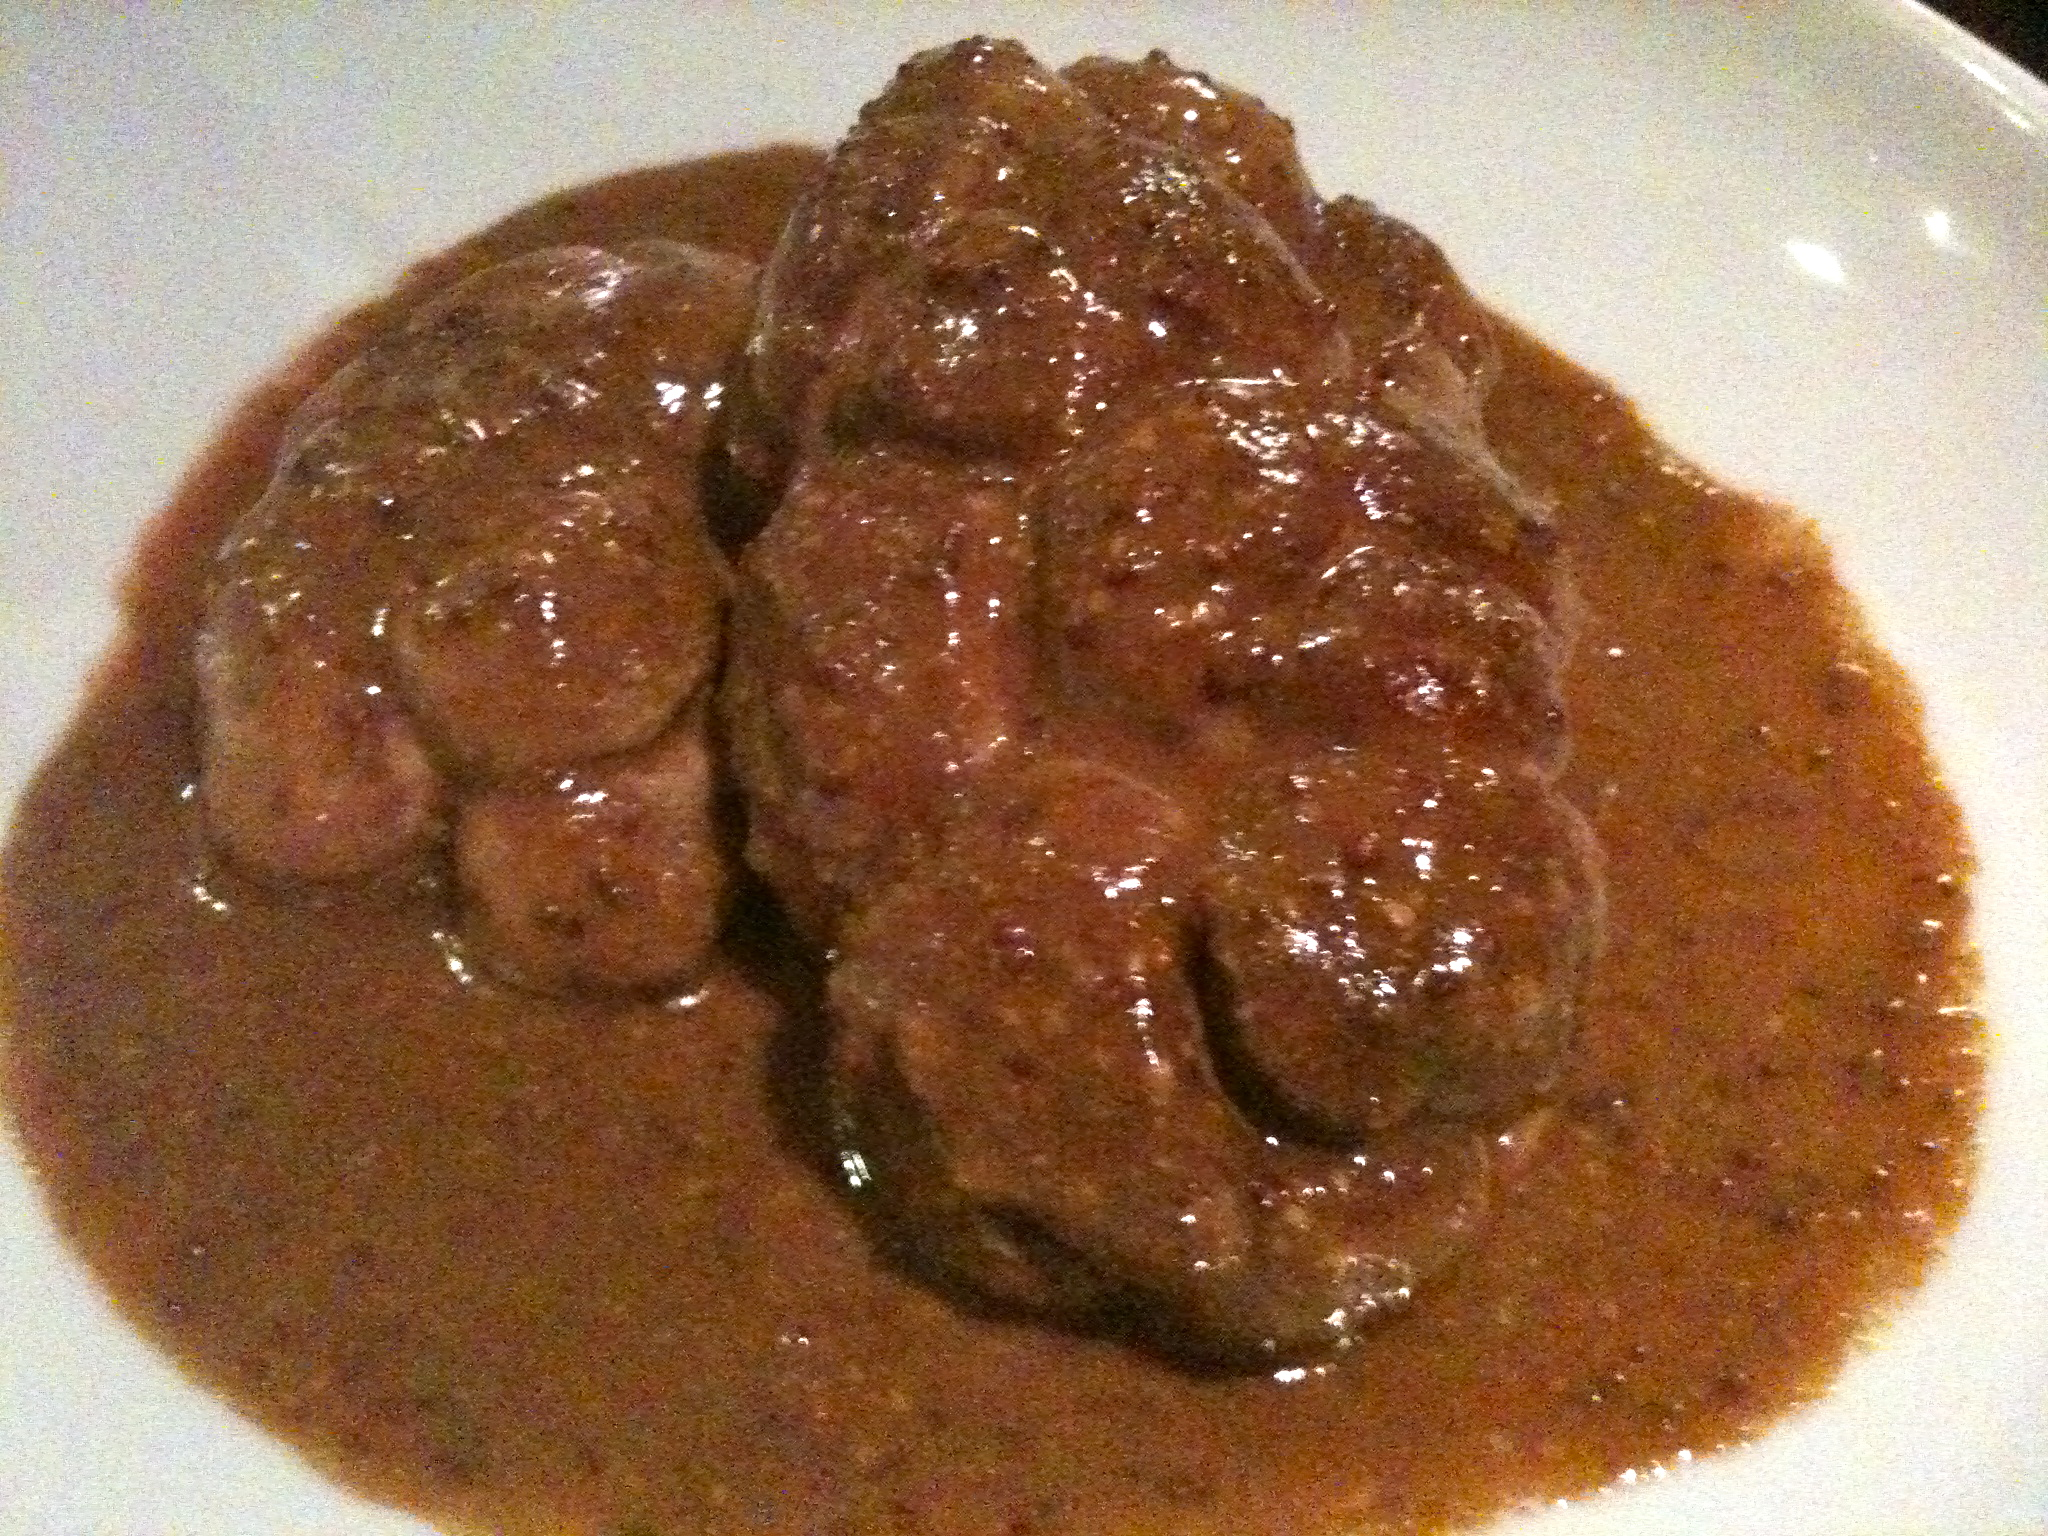 Rognon de b uf entier sauce moutarde - Rognons de veau a la creme ...